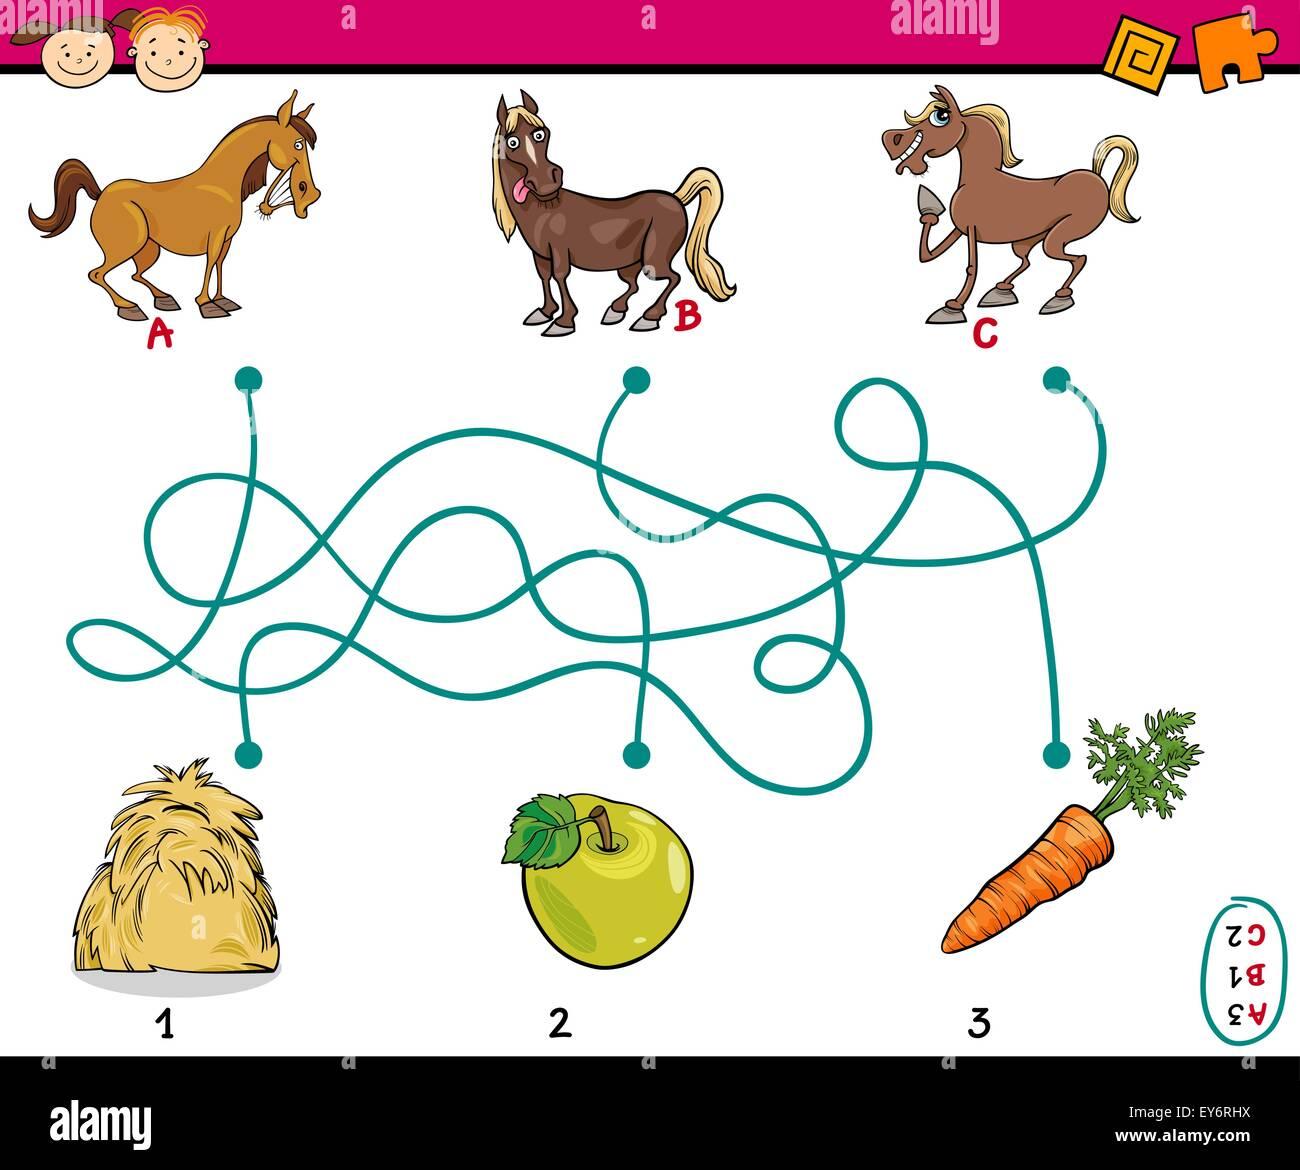 Ilustración De Dibujos Animados De Educación Trazados O Laberinto